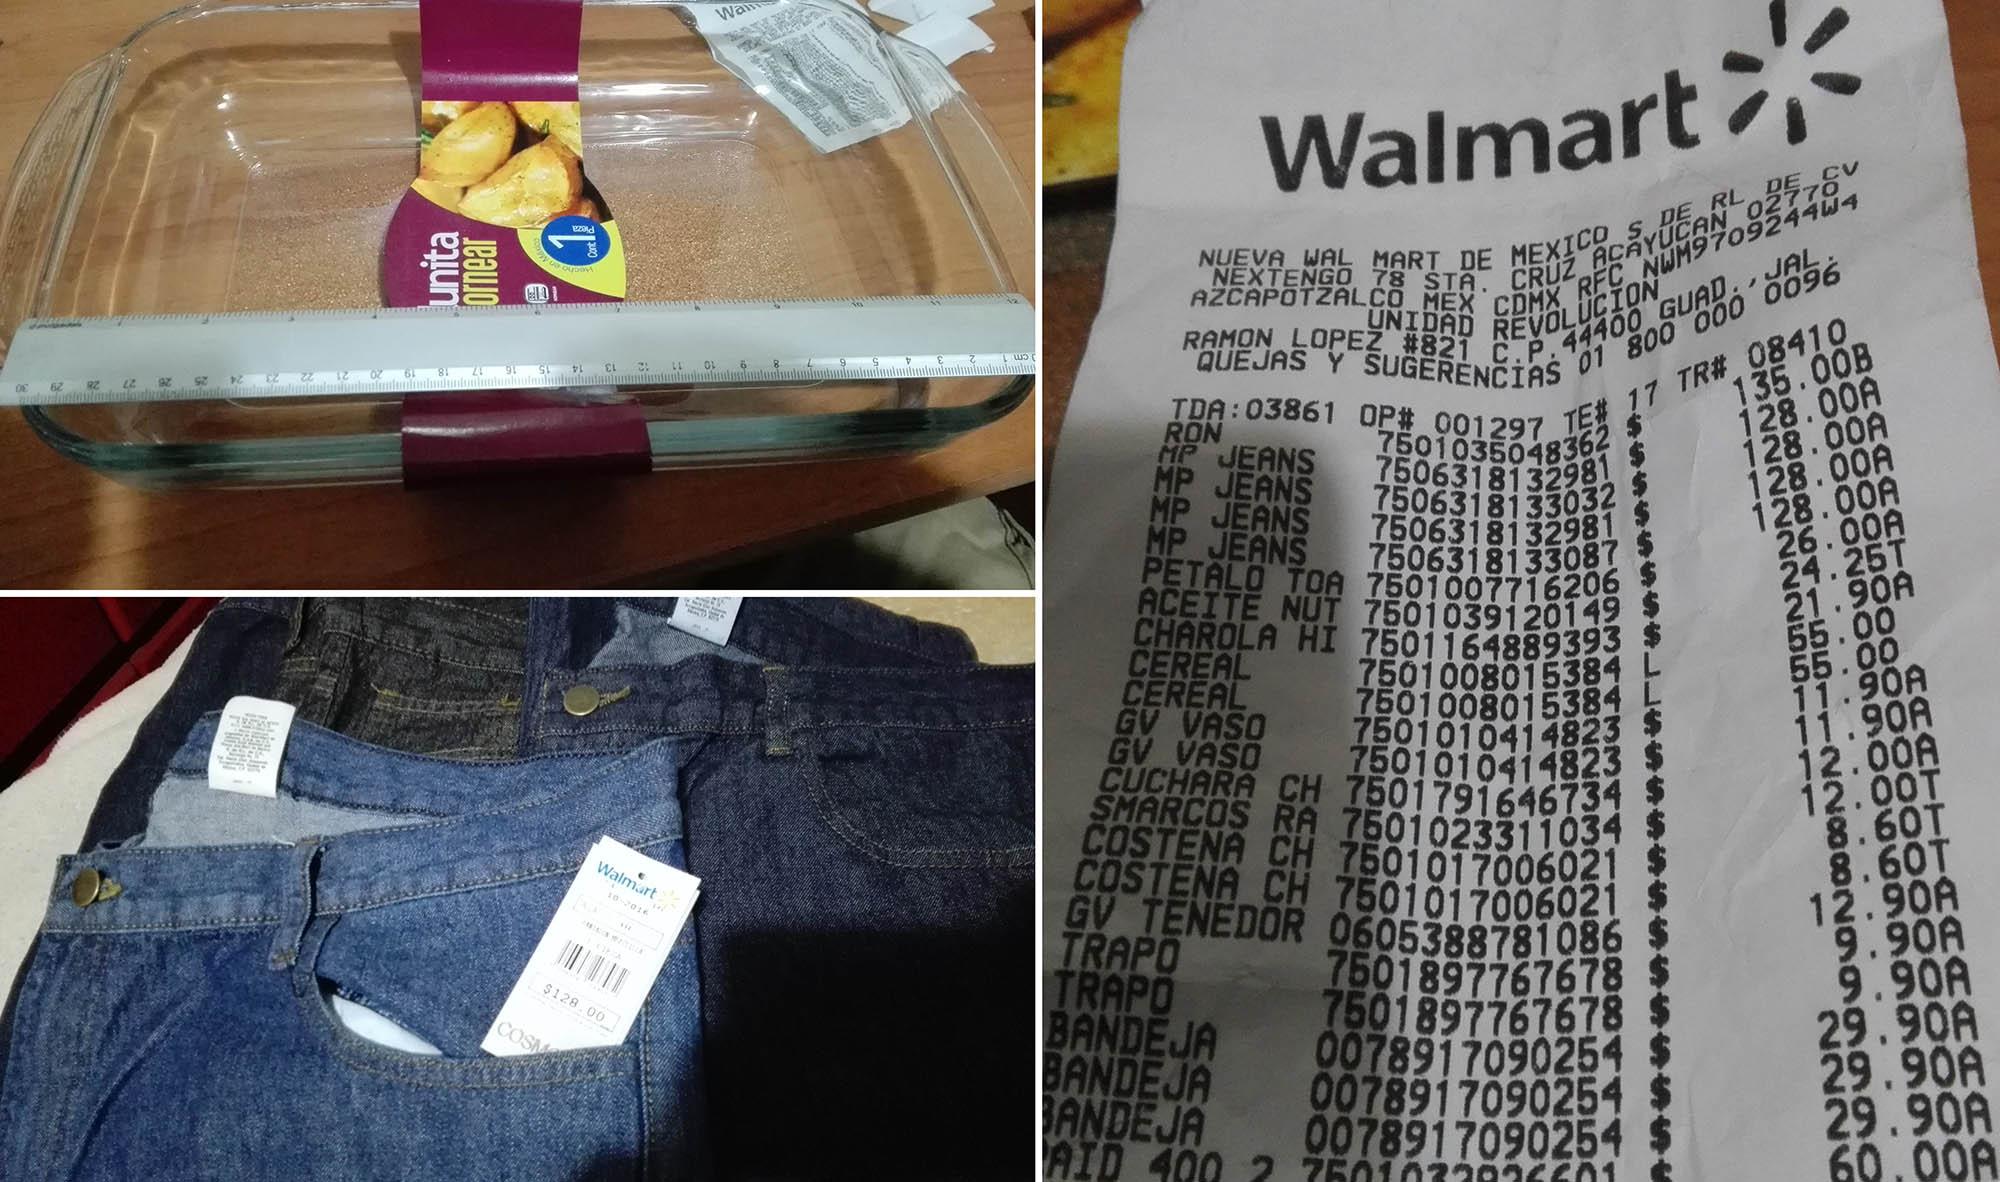 Walmart: pantalones de mezclilla Cosmo&co a $128